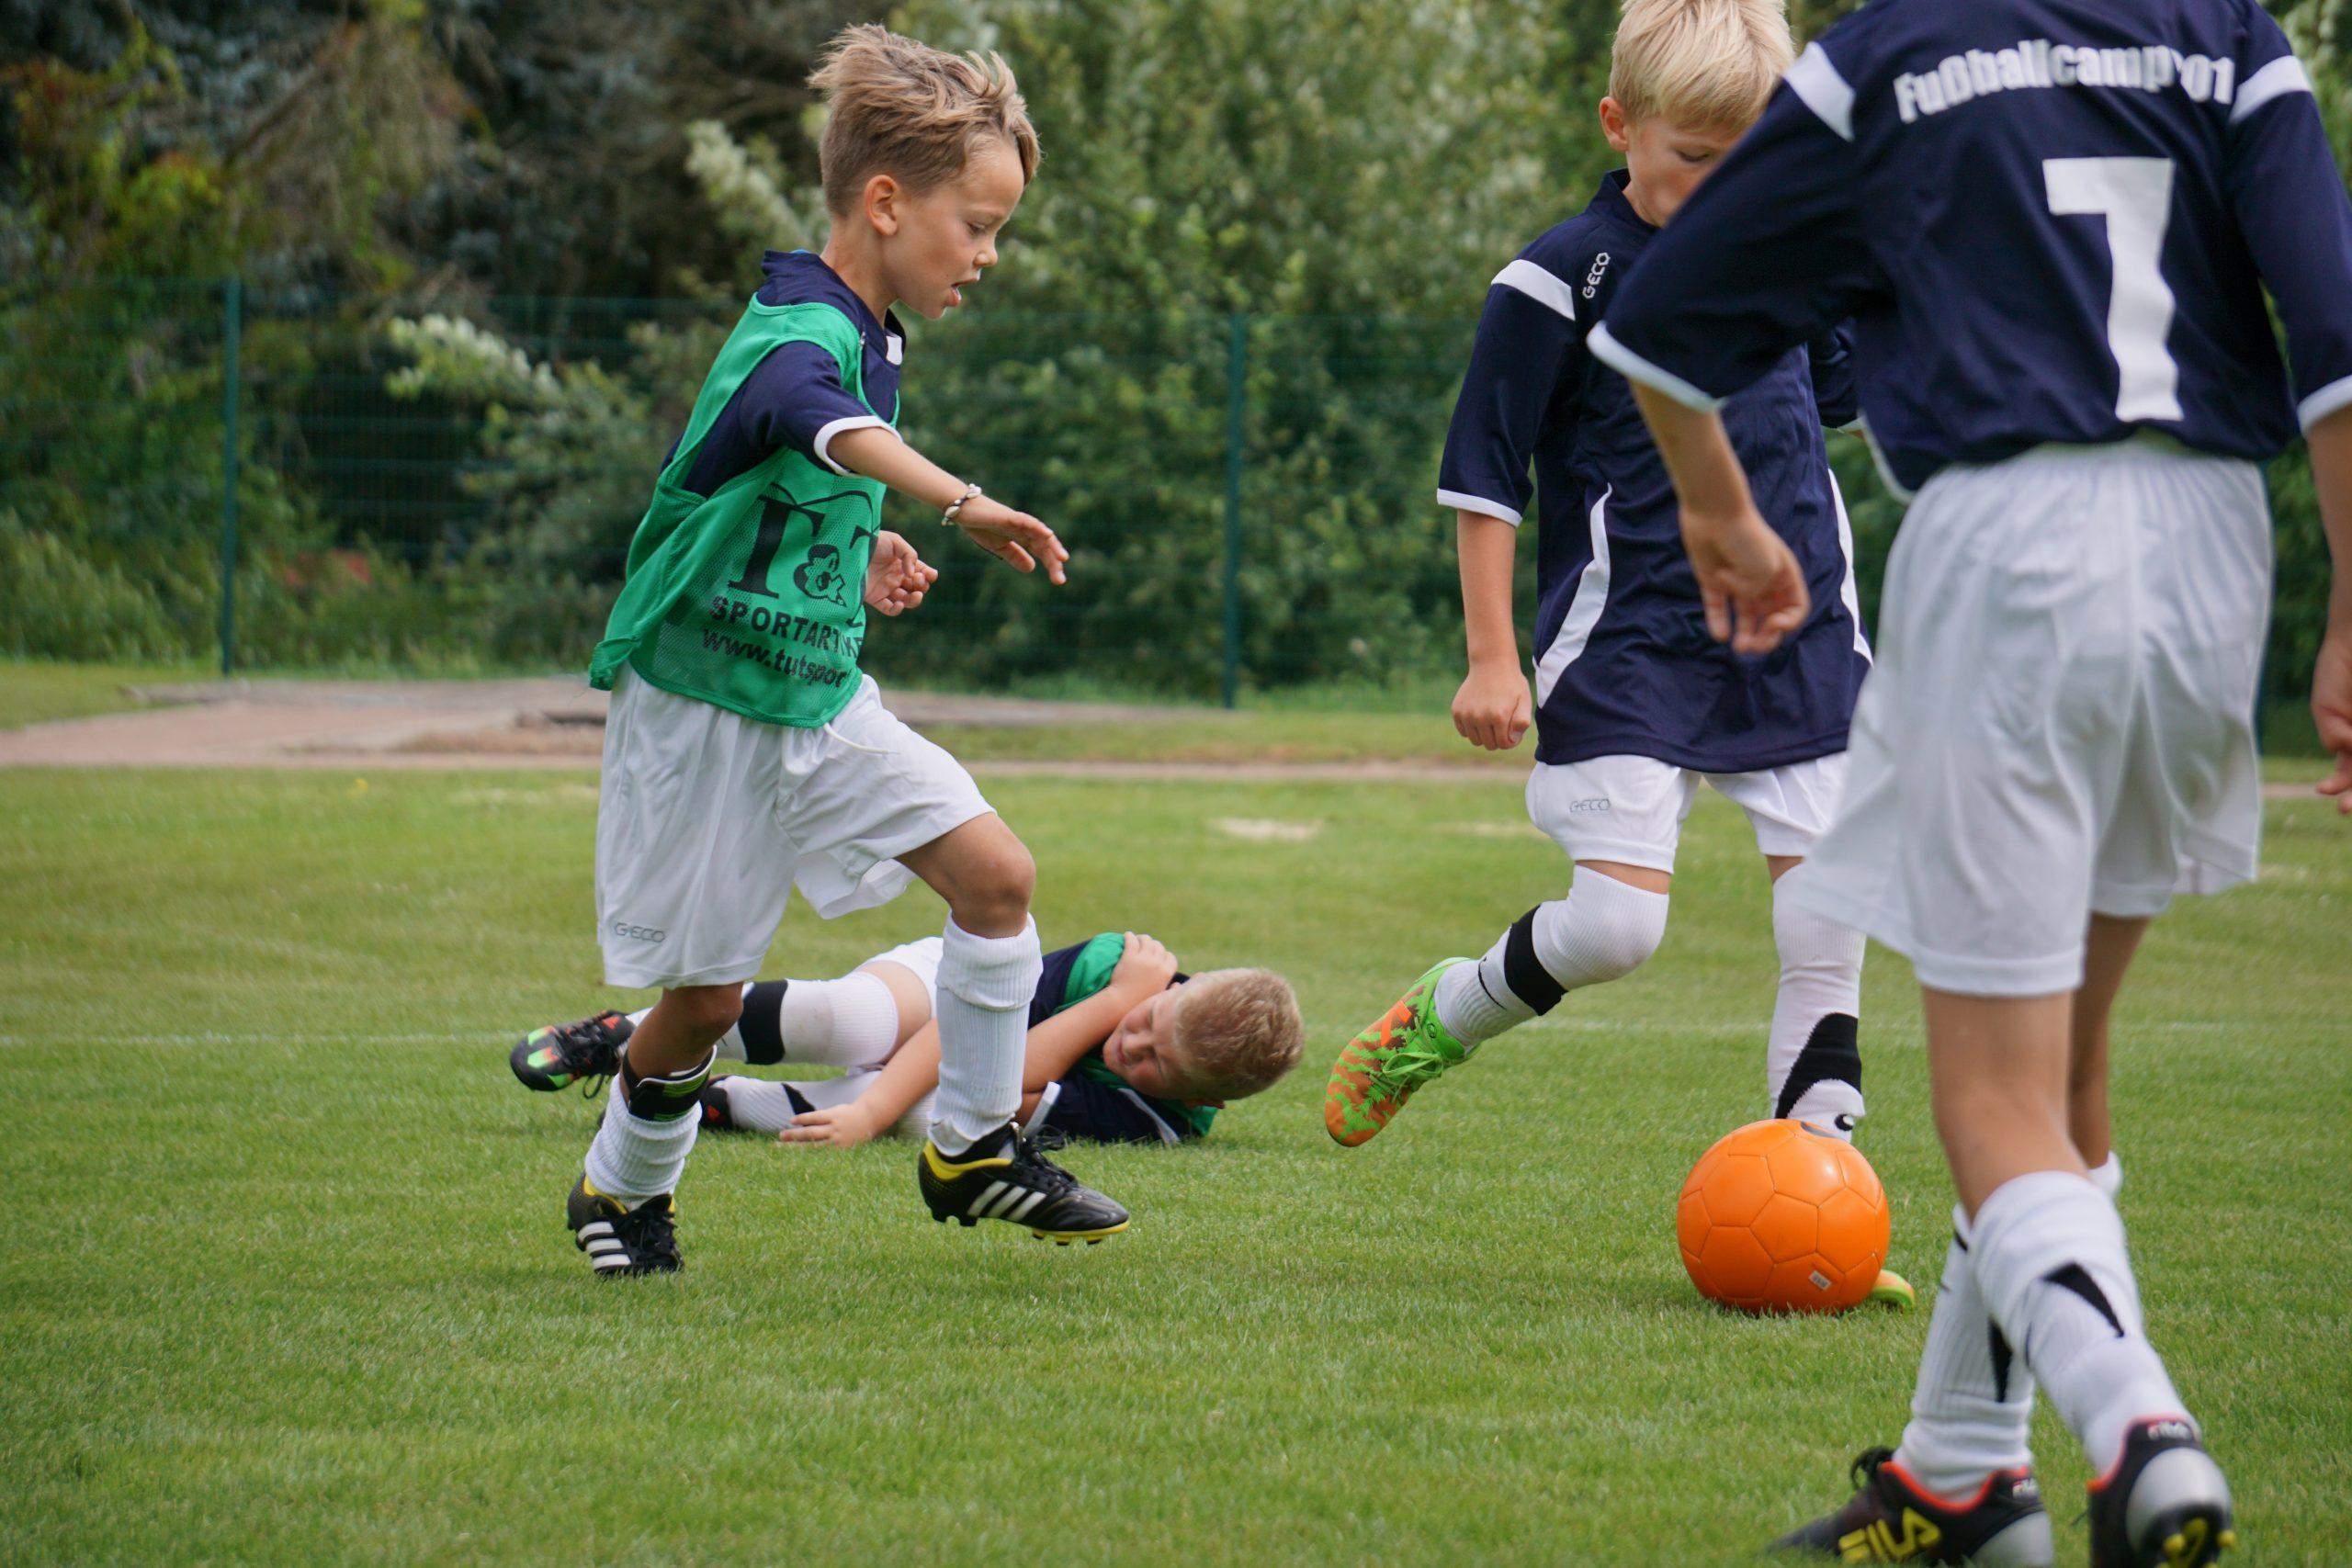 Ferien Fussballcamp